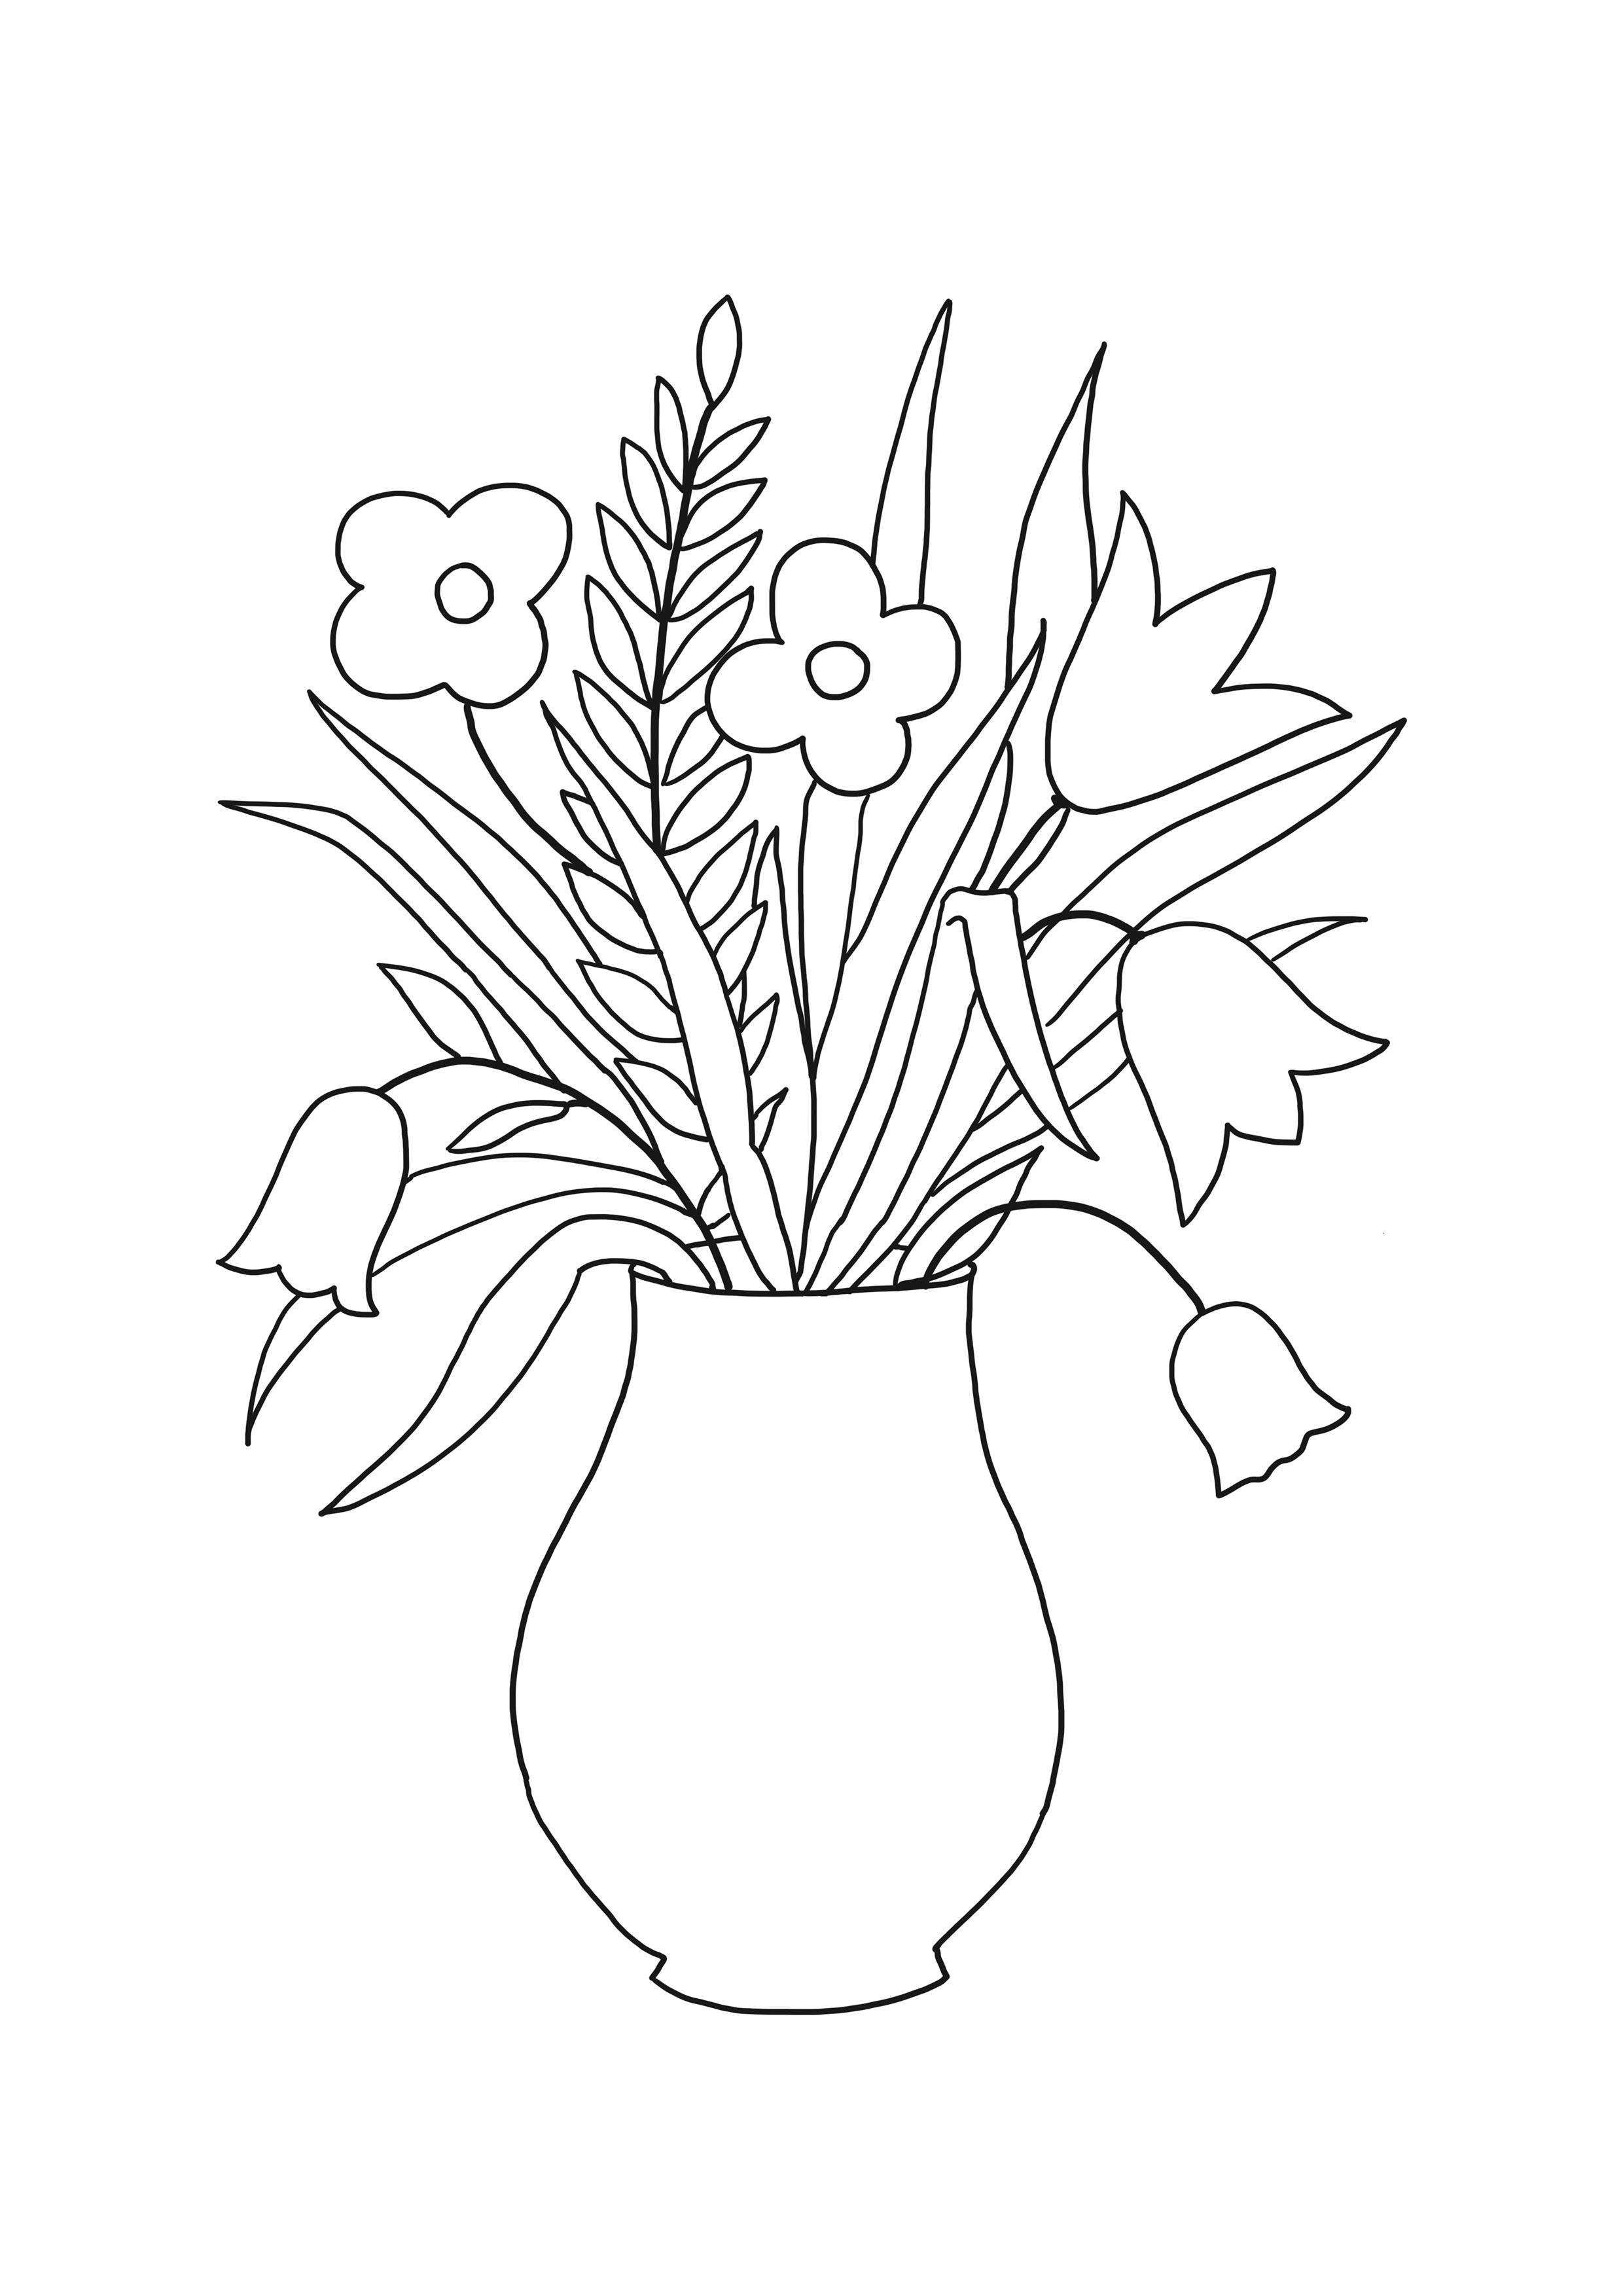 Vazoda çiçek Resmi çizimleri Gauranialmightywindinfo